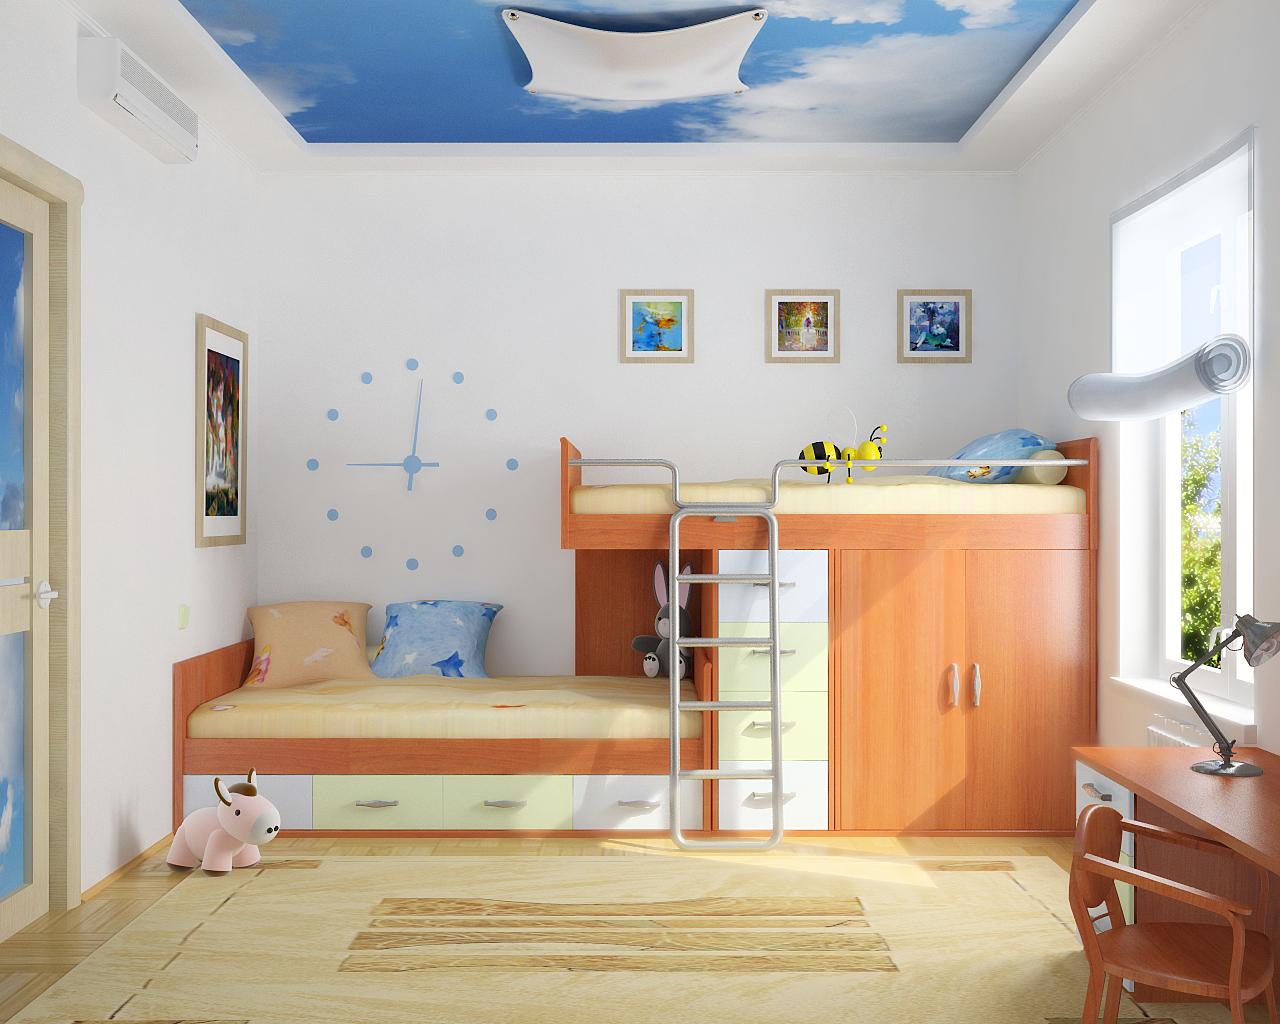 décoration murale en peinture enfant 4